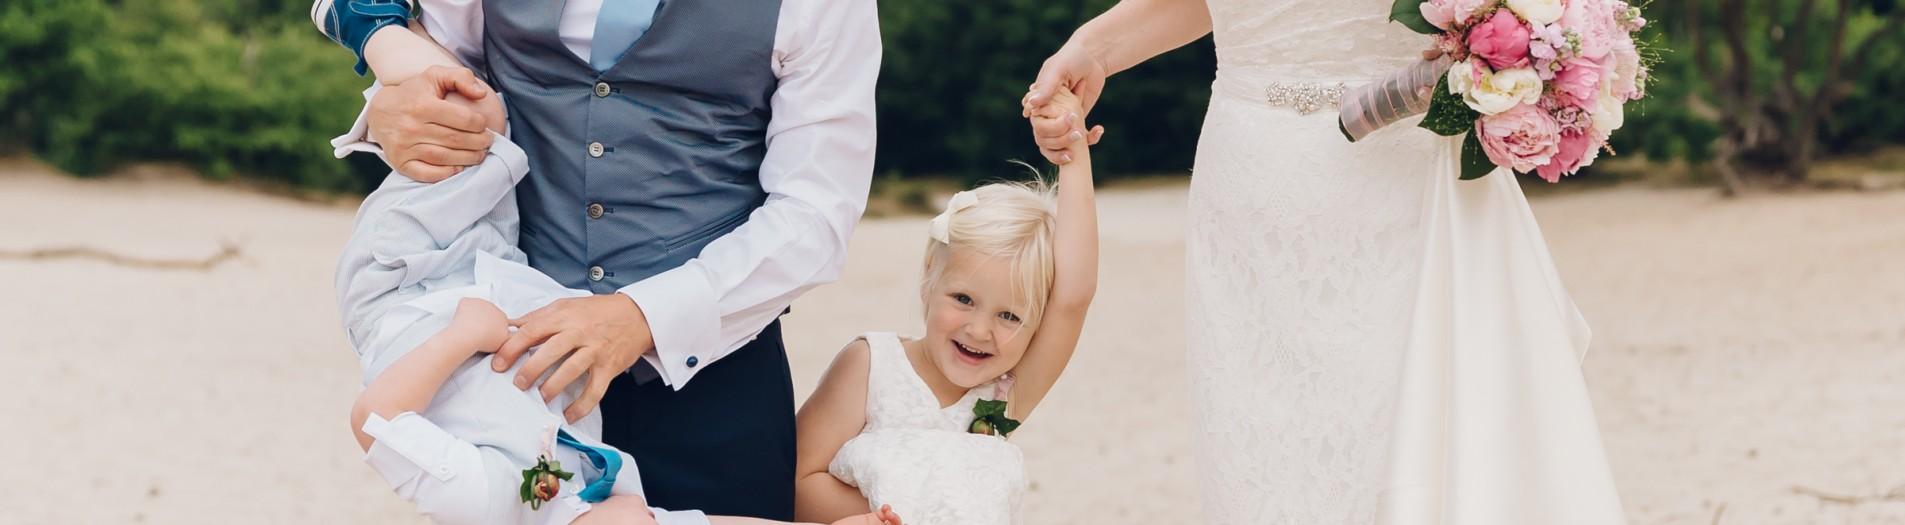 Bruidsfotograaf Breda, trouwen op landgoed Wolfslaar